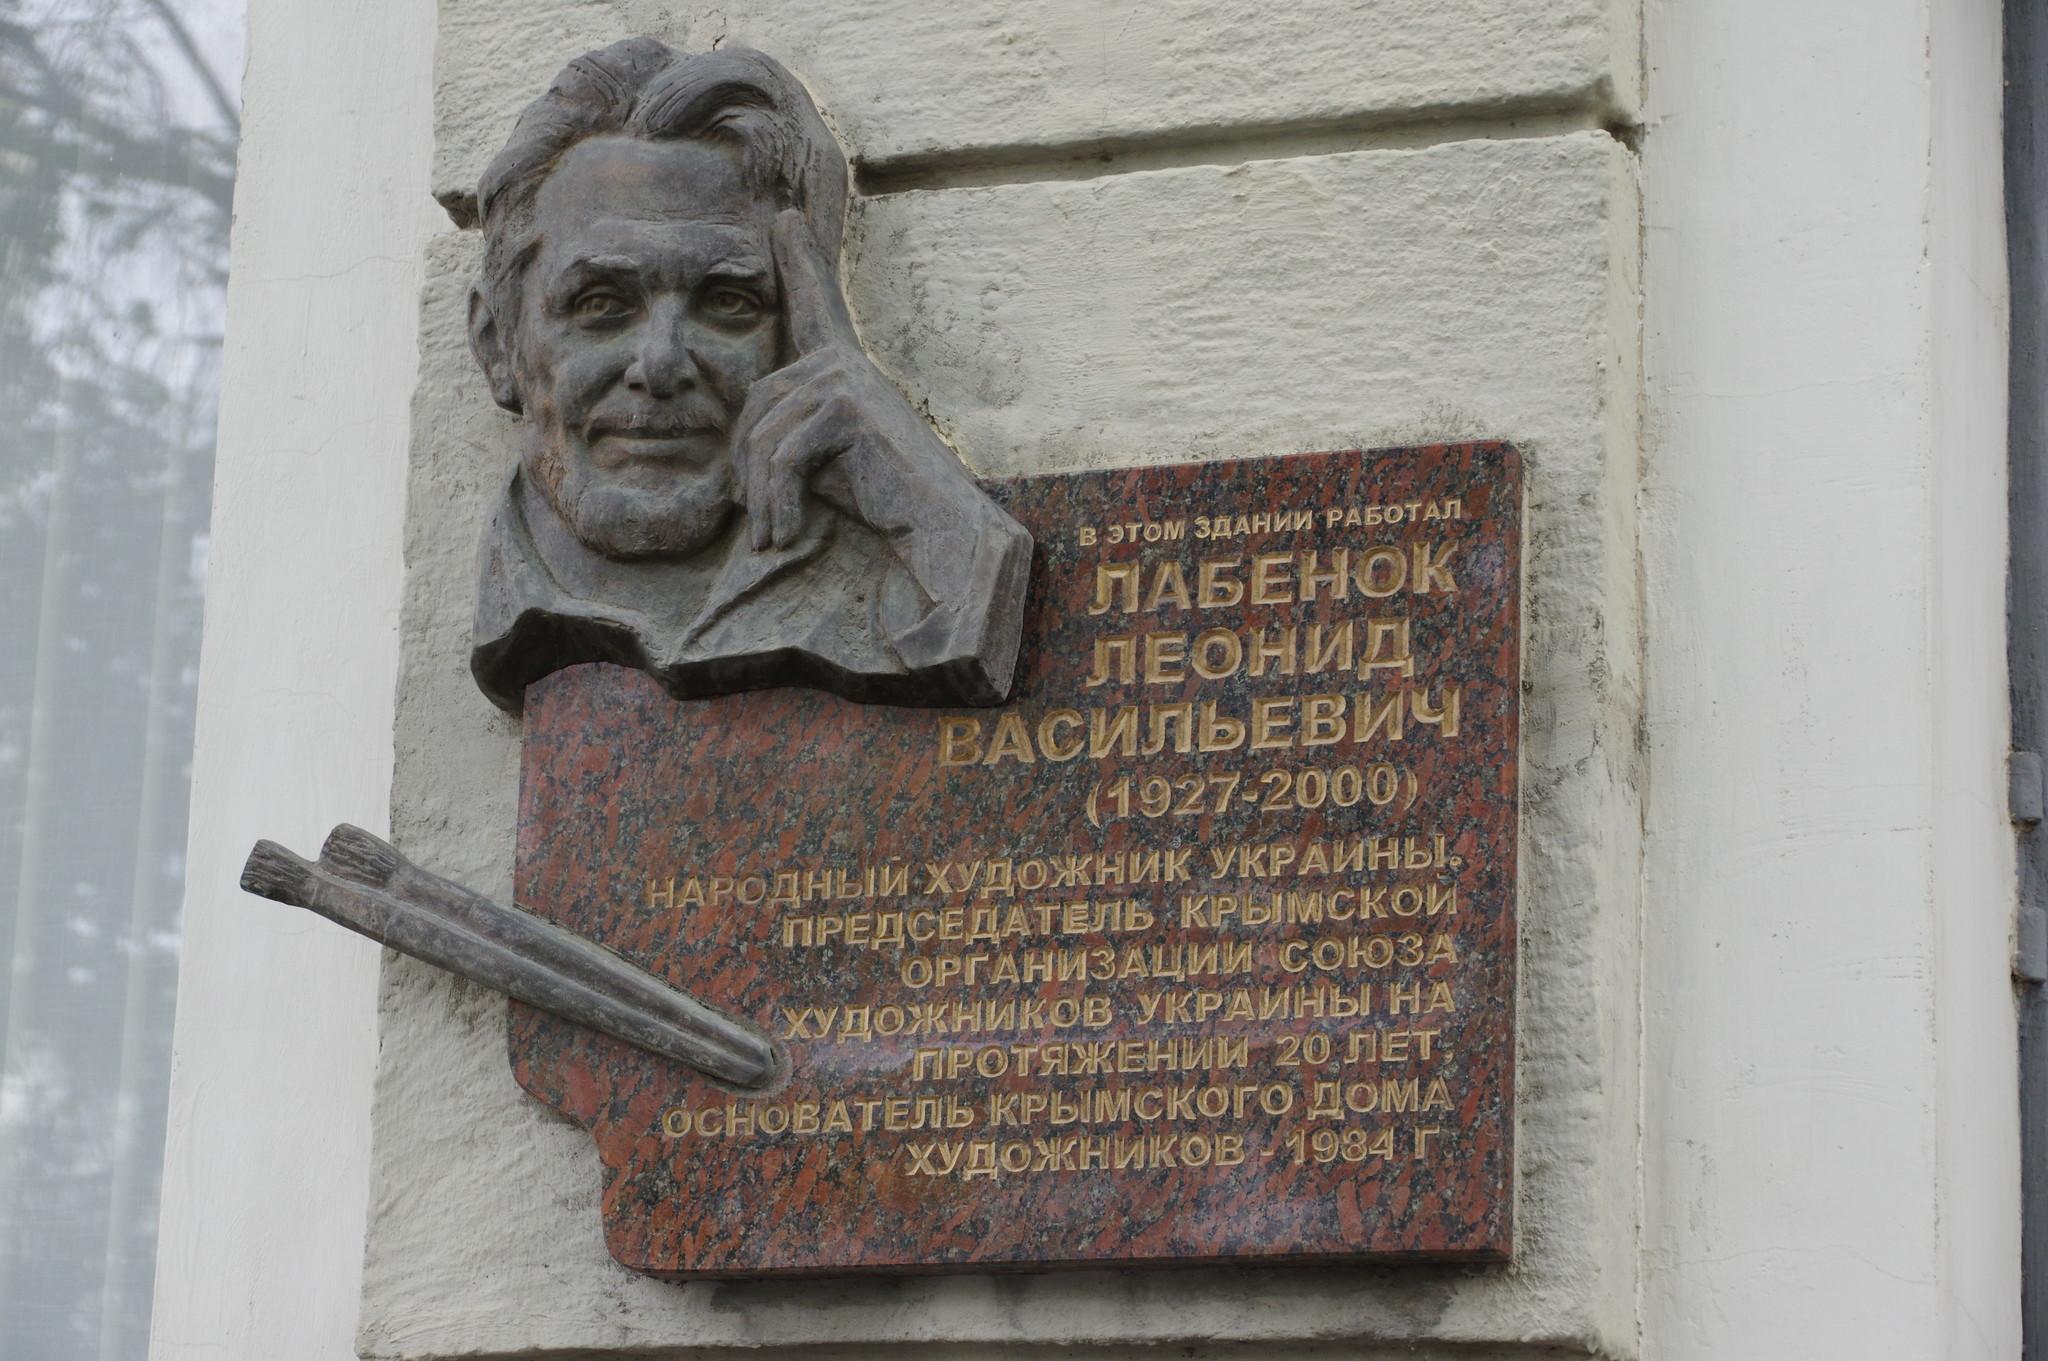 Мемориальная доска посвящённая Л.В. Лабенок на фасаде здания Крымского Дома художника в Симферополе